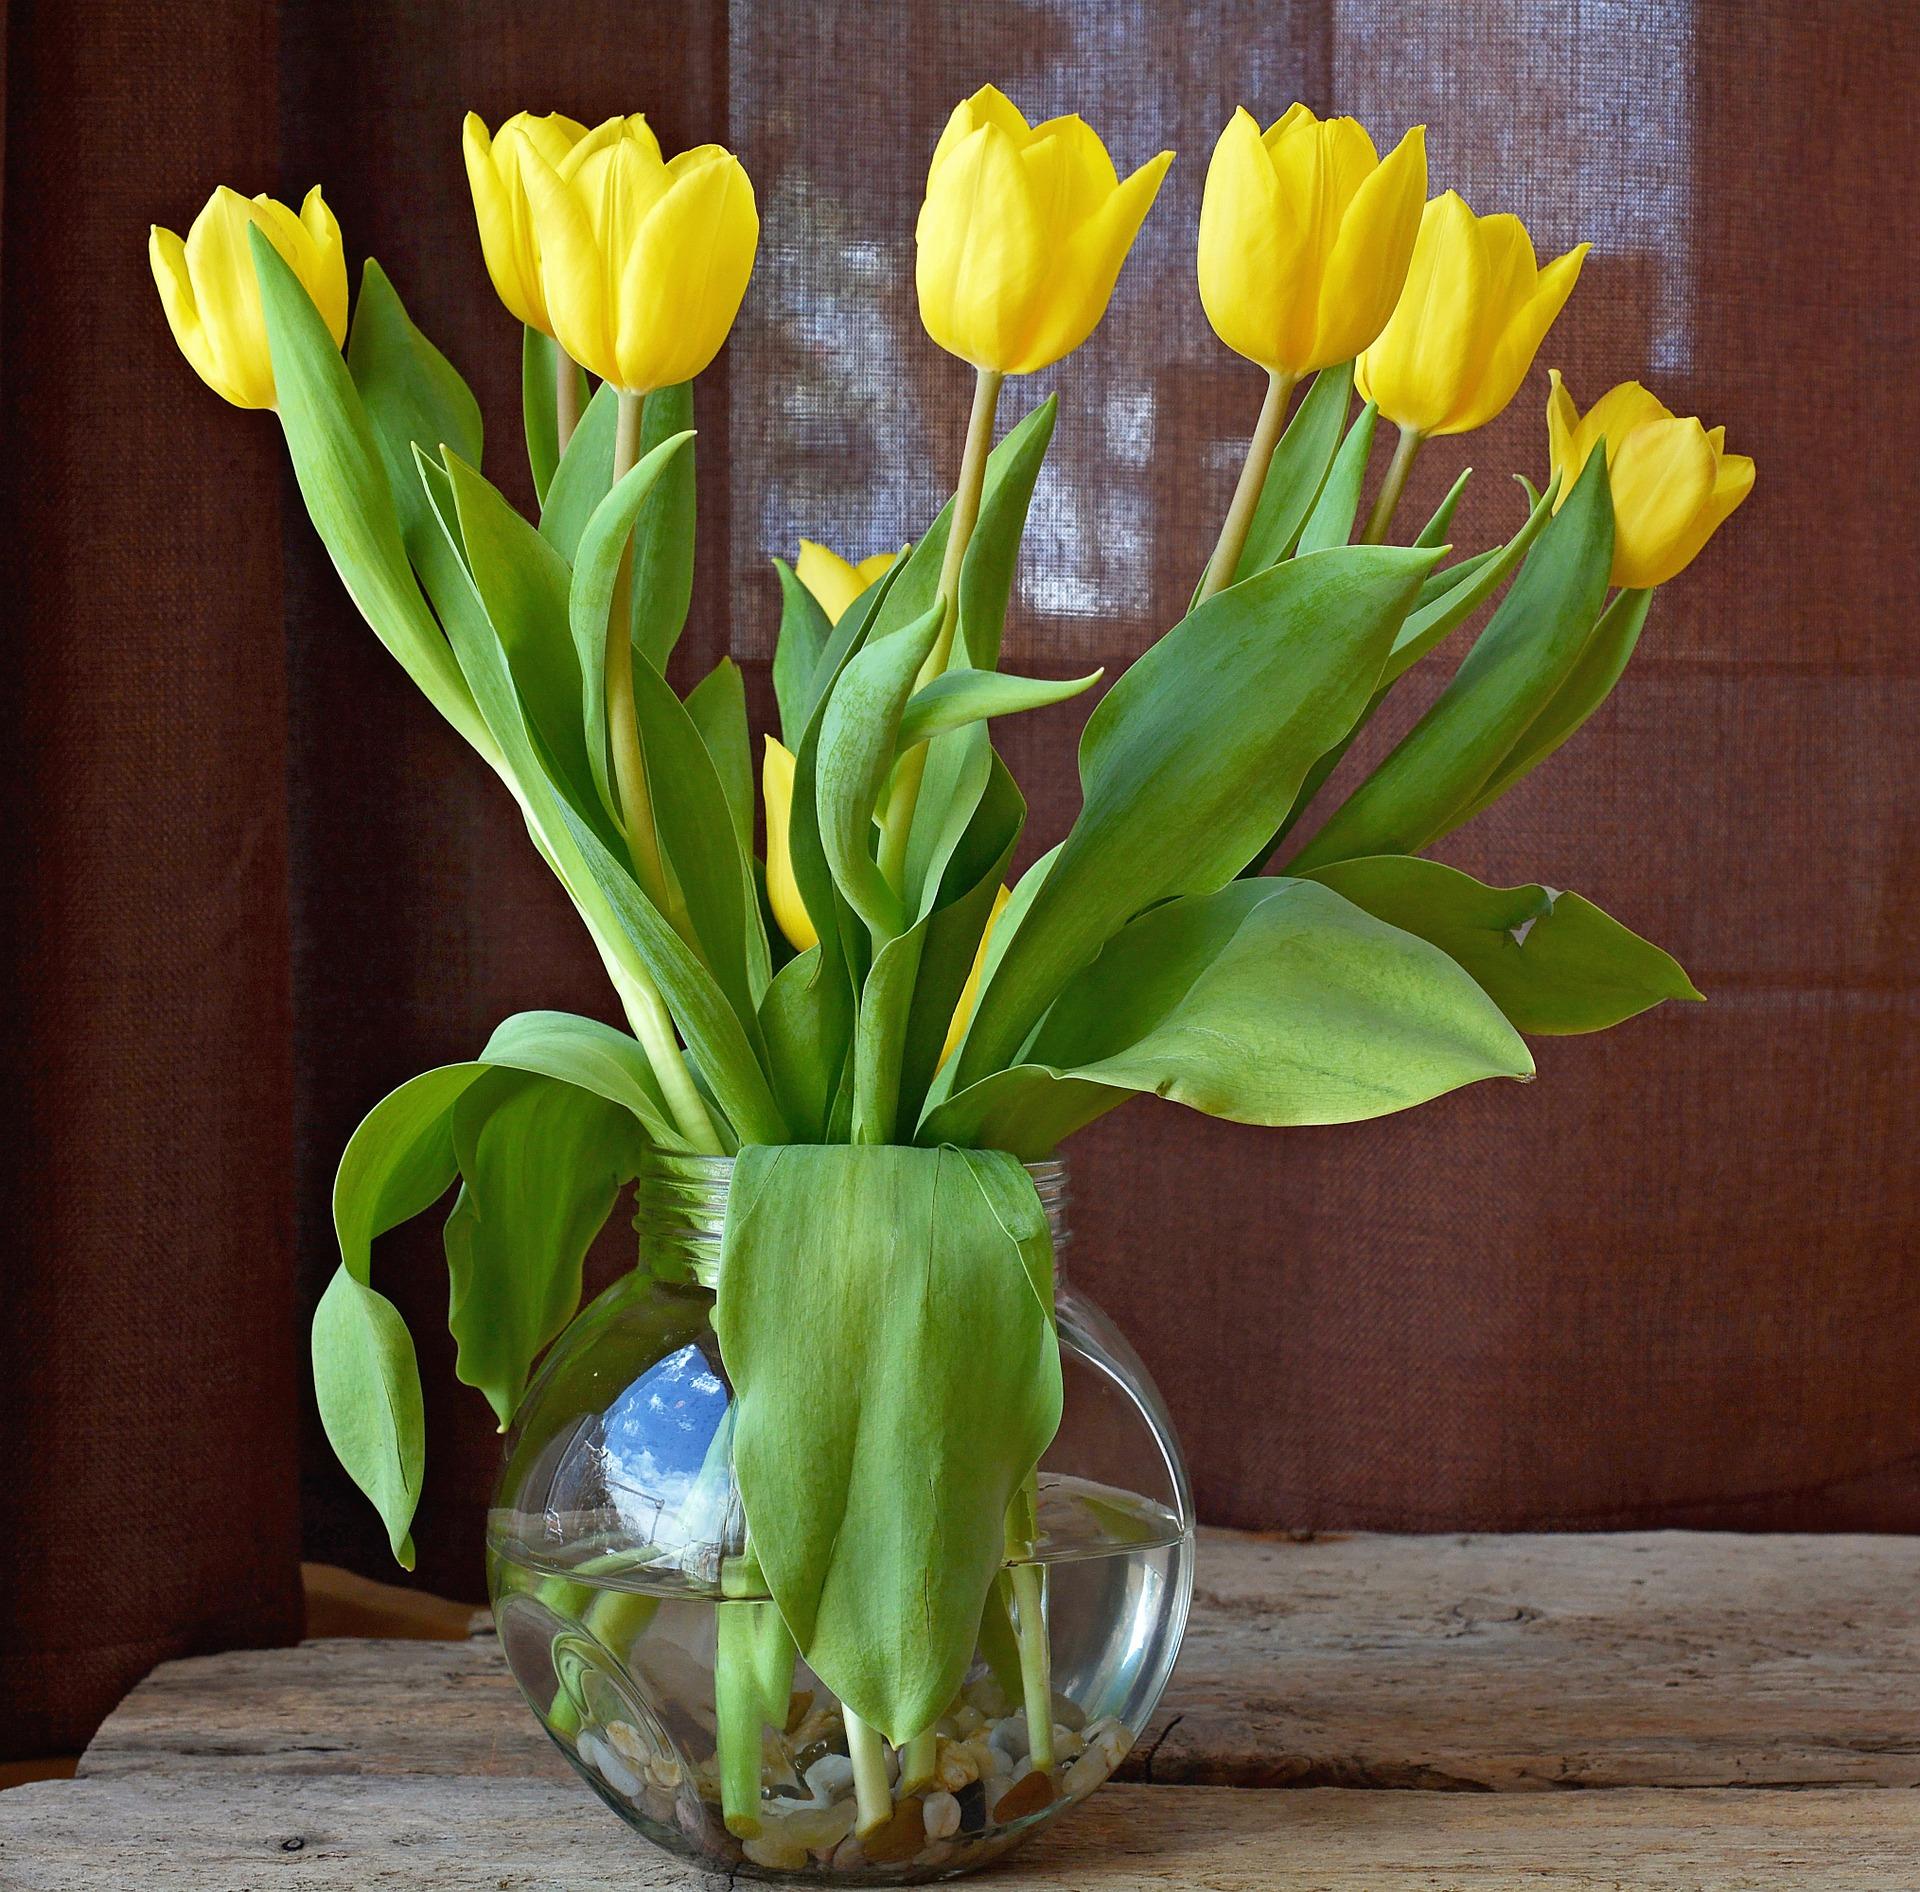 Kwiaty Ciete Co Zrobic Zeby Byly Dluzej Piekne